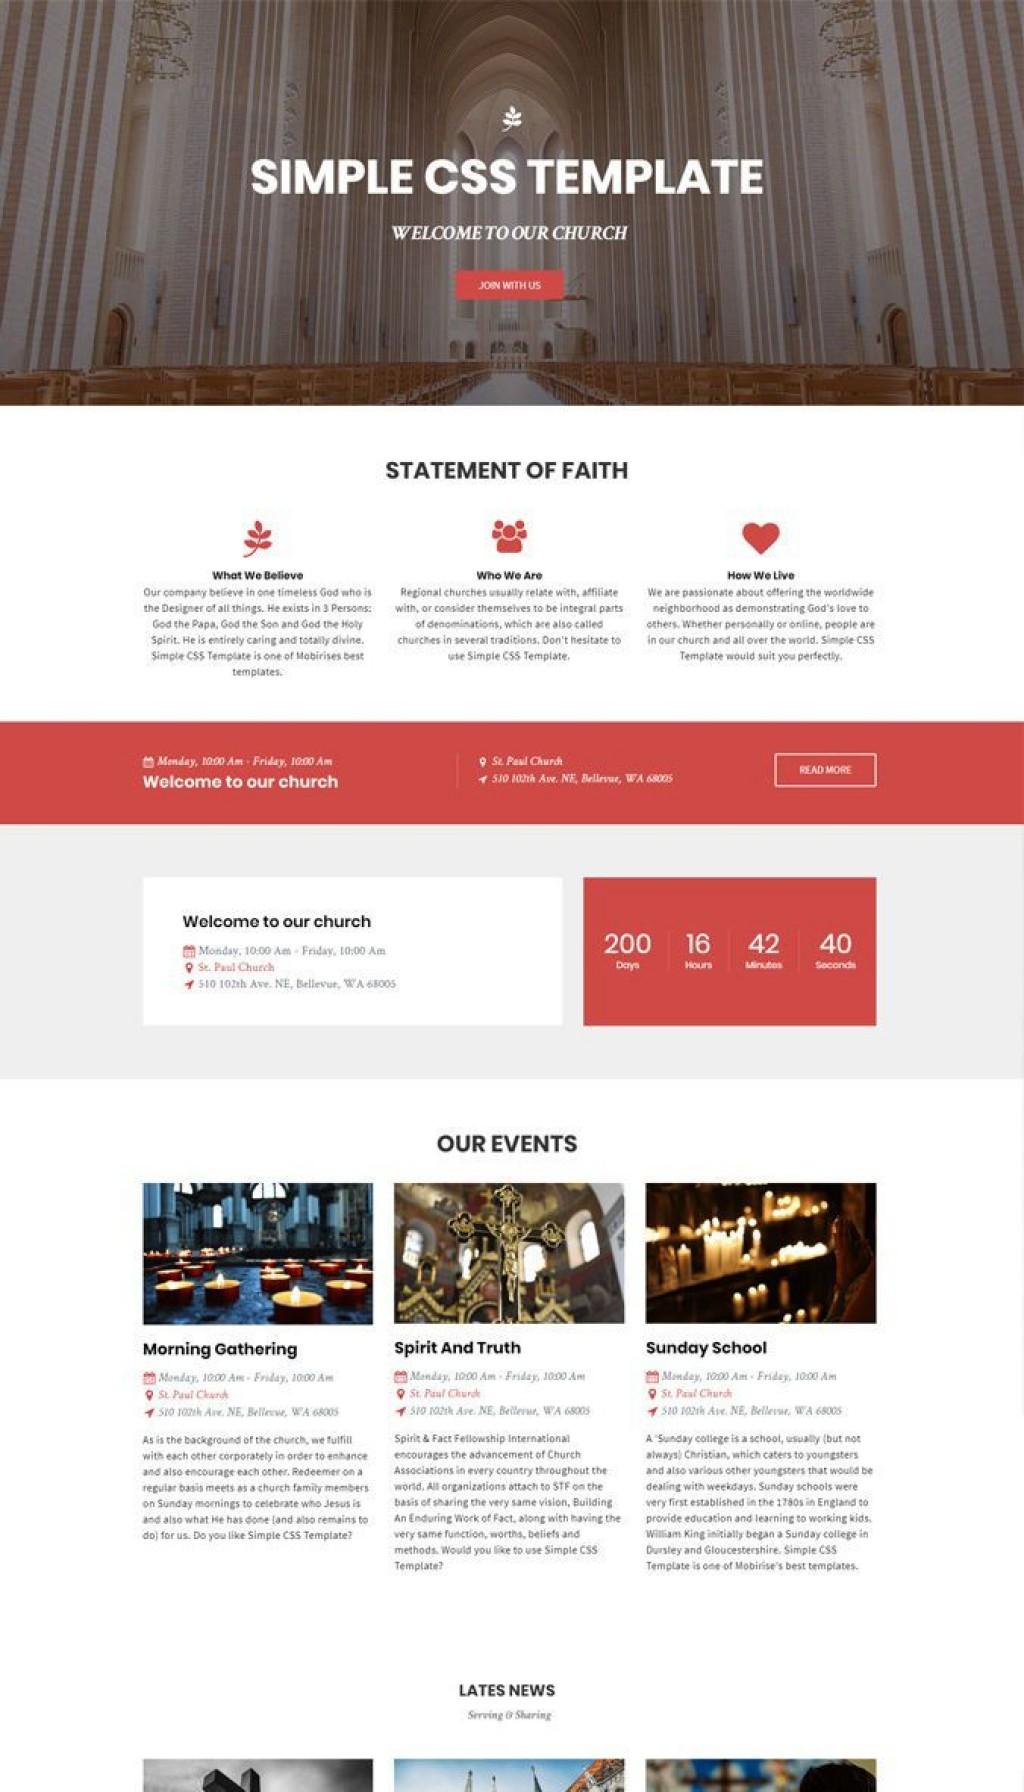 004 Unbelievable Web Page Design Template Cs Image  CssLarge